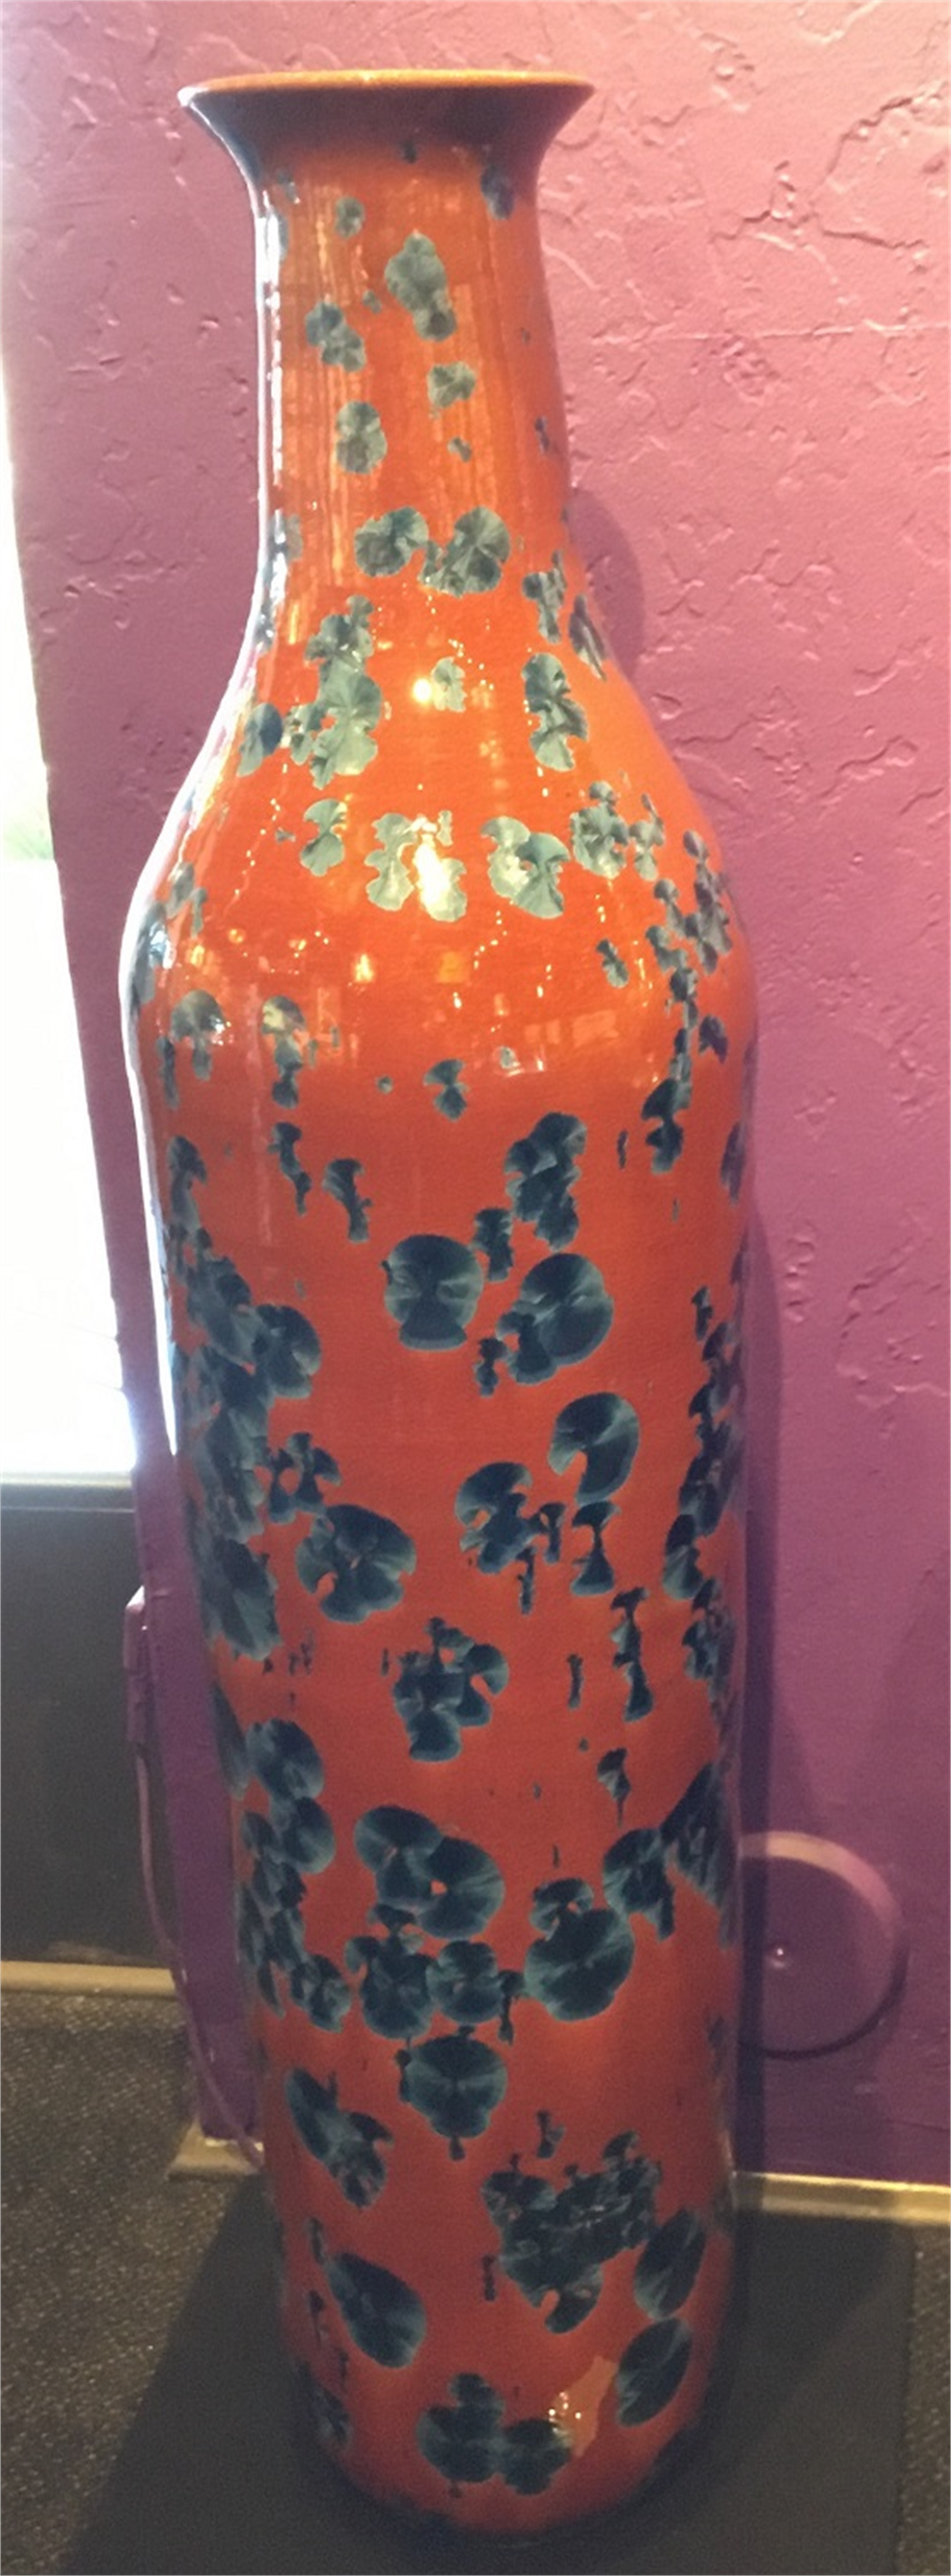 Blue Zinc Crystal Glaze on Orange Vase by Jess Drake